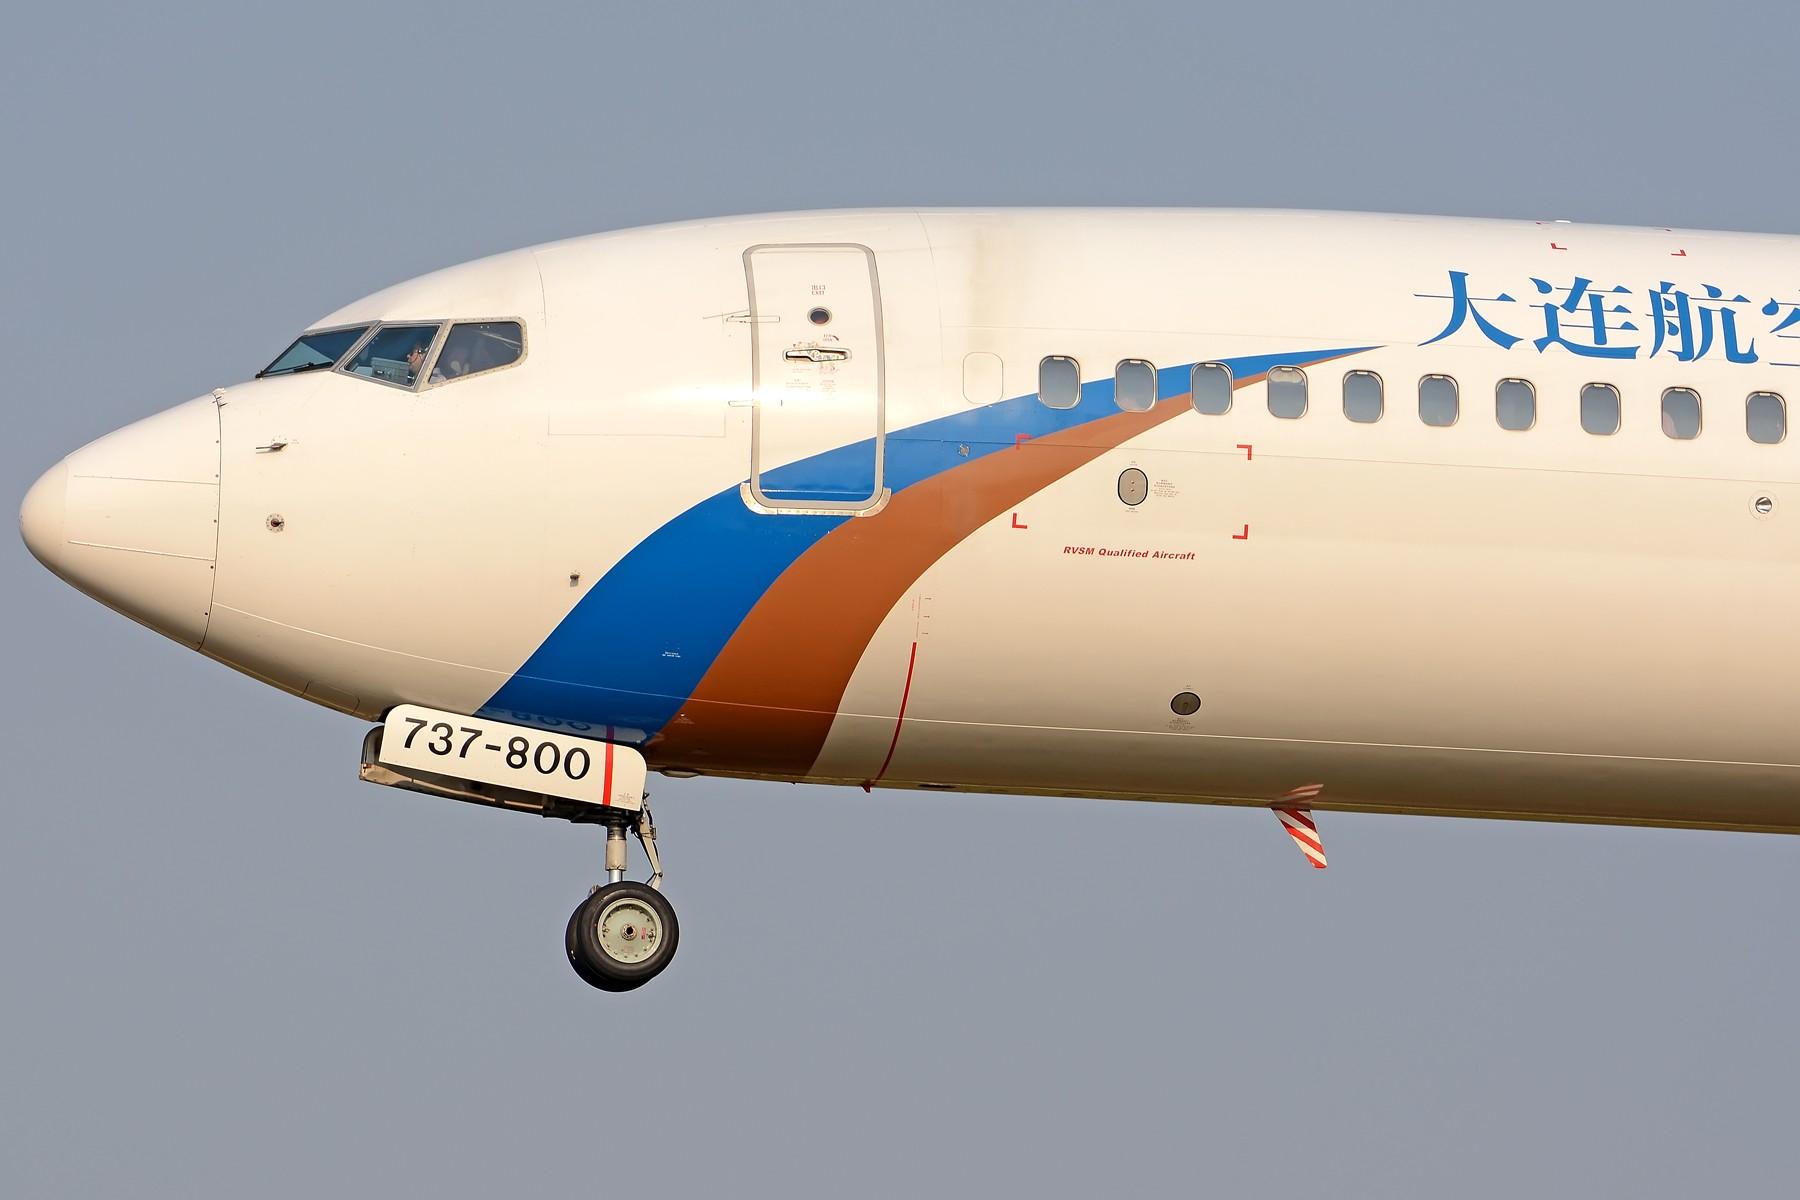 Re:[原创]【多图党】试镜200-500大头比较多 BOEING 737-800 B-5798 中国合肥新桥国际机场